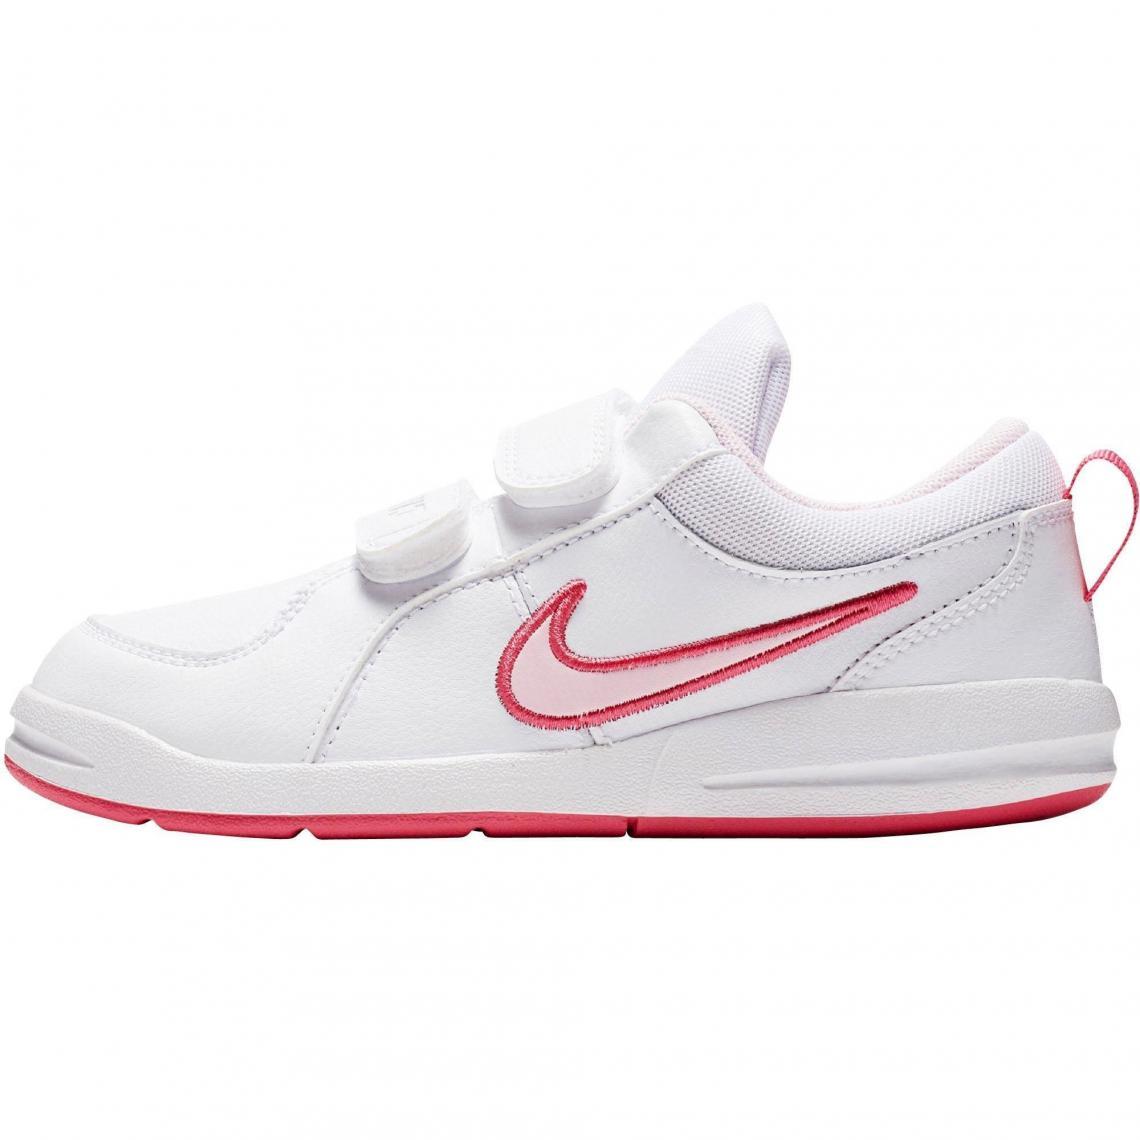 dca520d758f5e Baskettes Mixtes enfants Pico 4 de Nike - Rose - Blanc